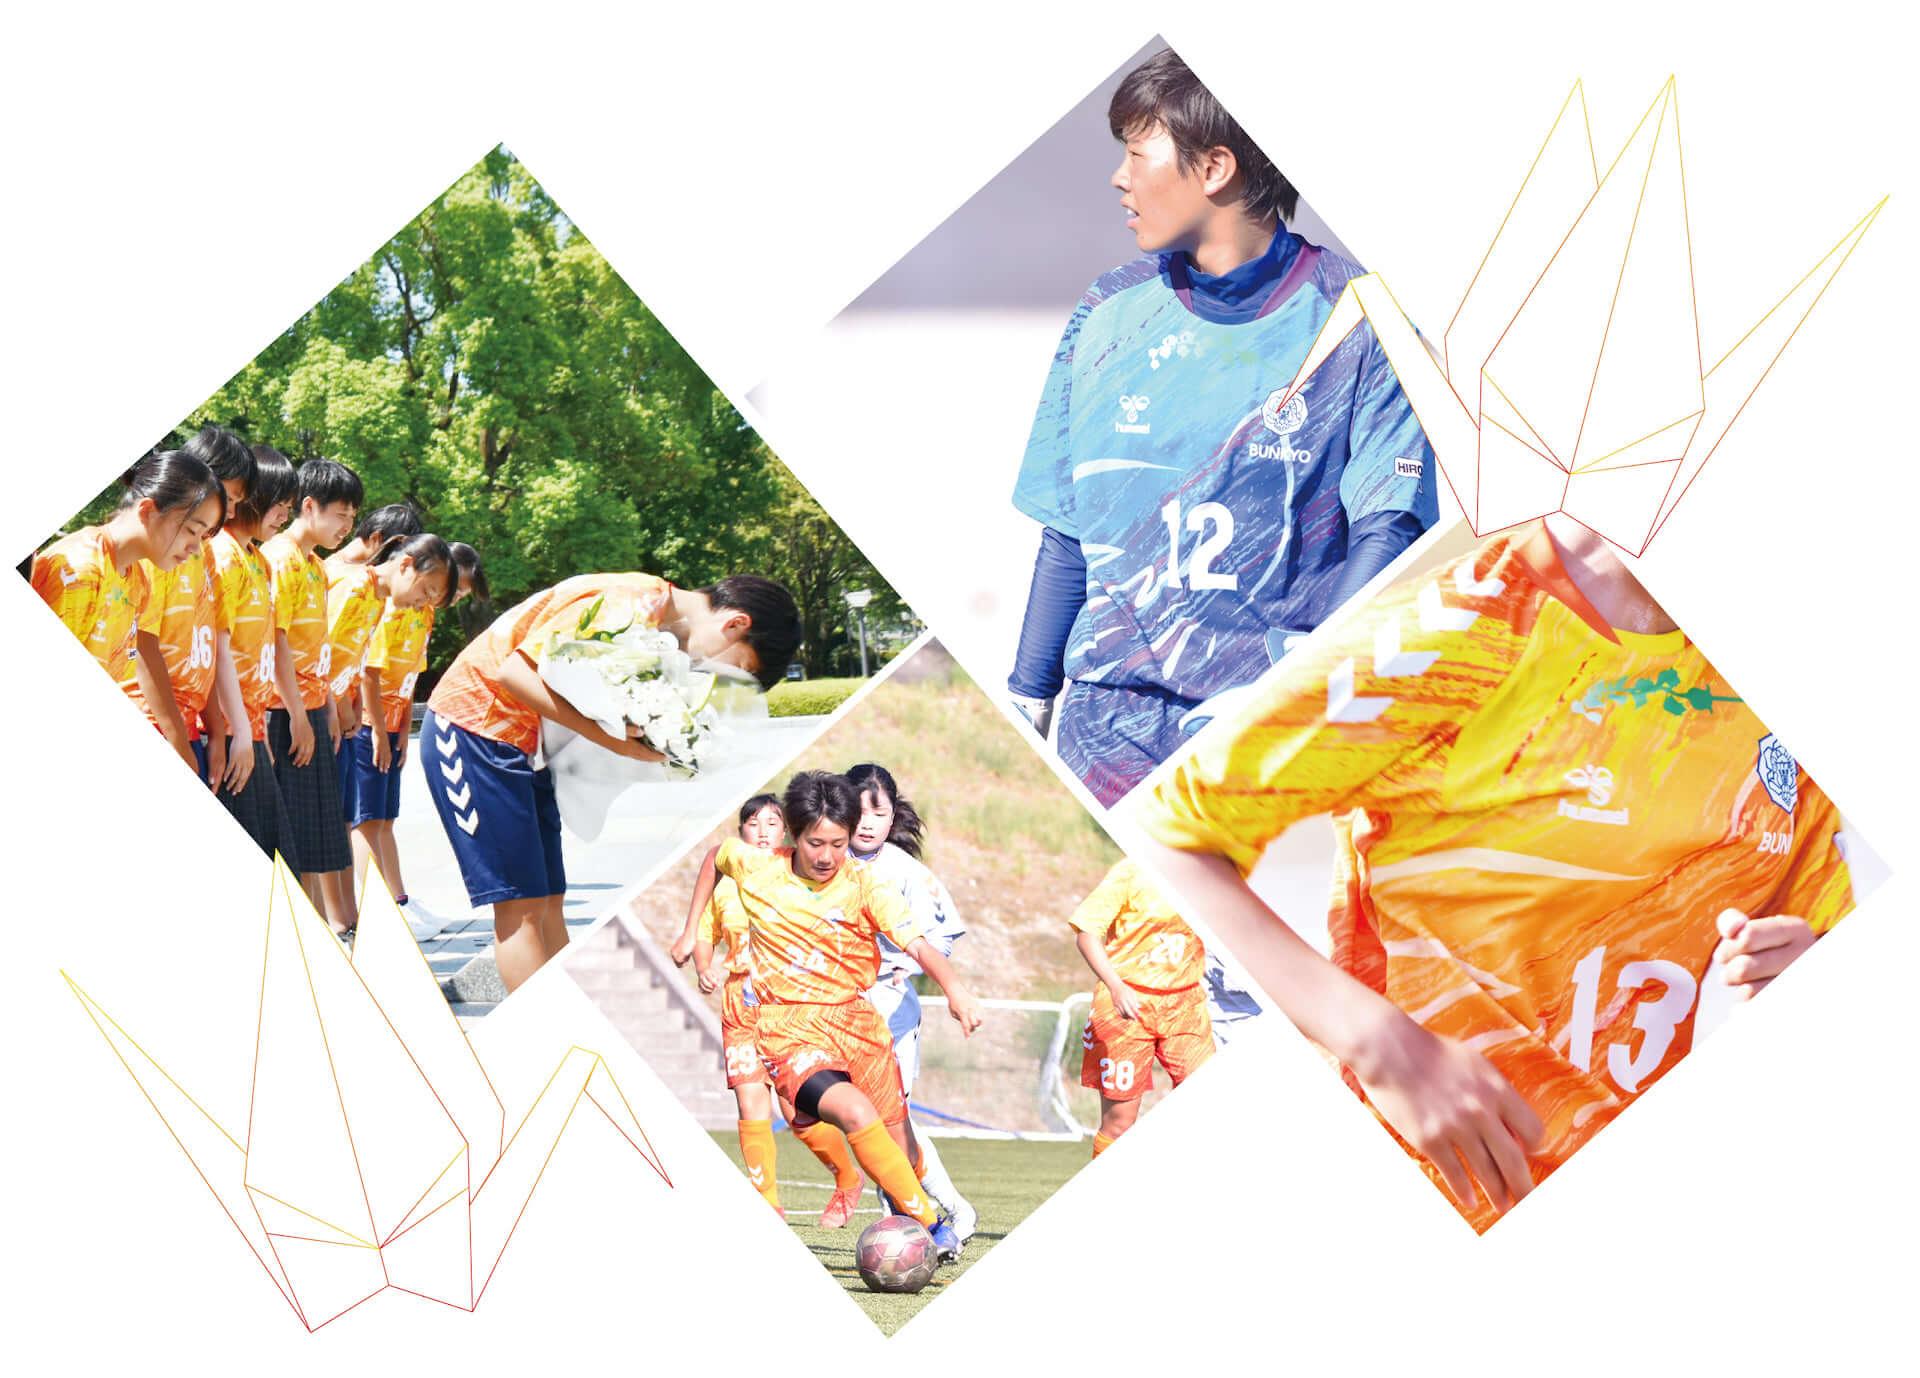 ヒュンメルにて広島文教高校の『ピースユニフォーム』が発売!収益は今夏開催のピースマッチに活用 lf210310_hummel-hbunkyo_3-1920x1378